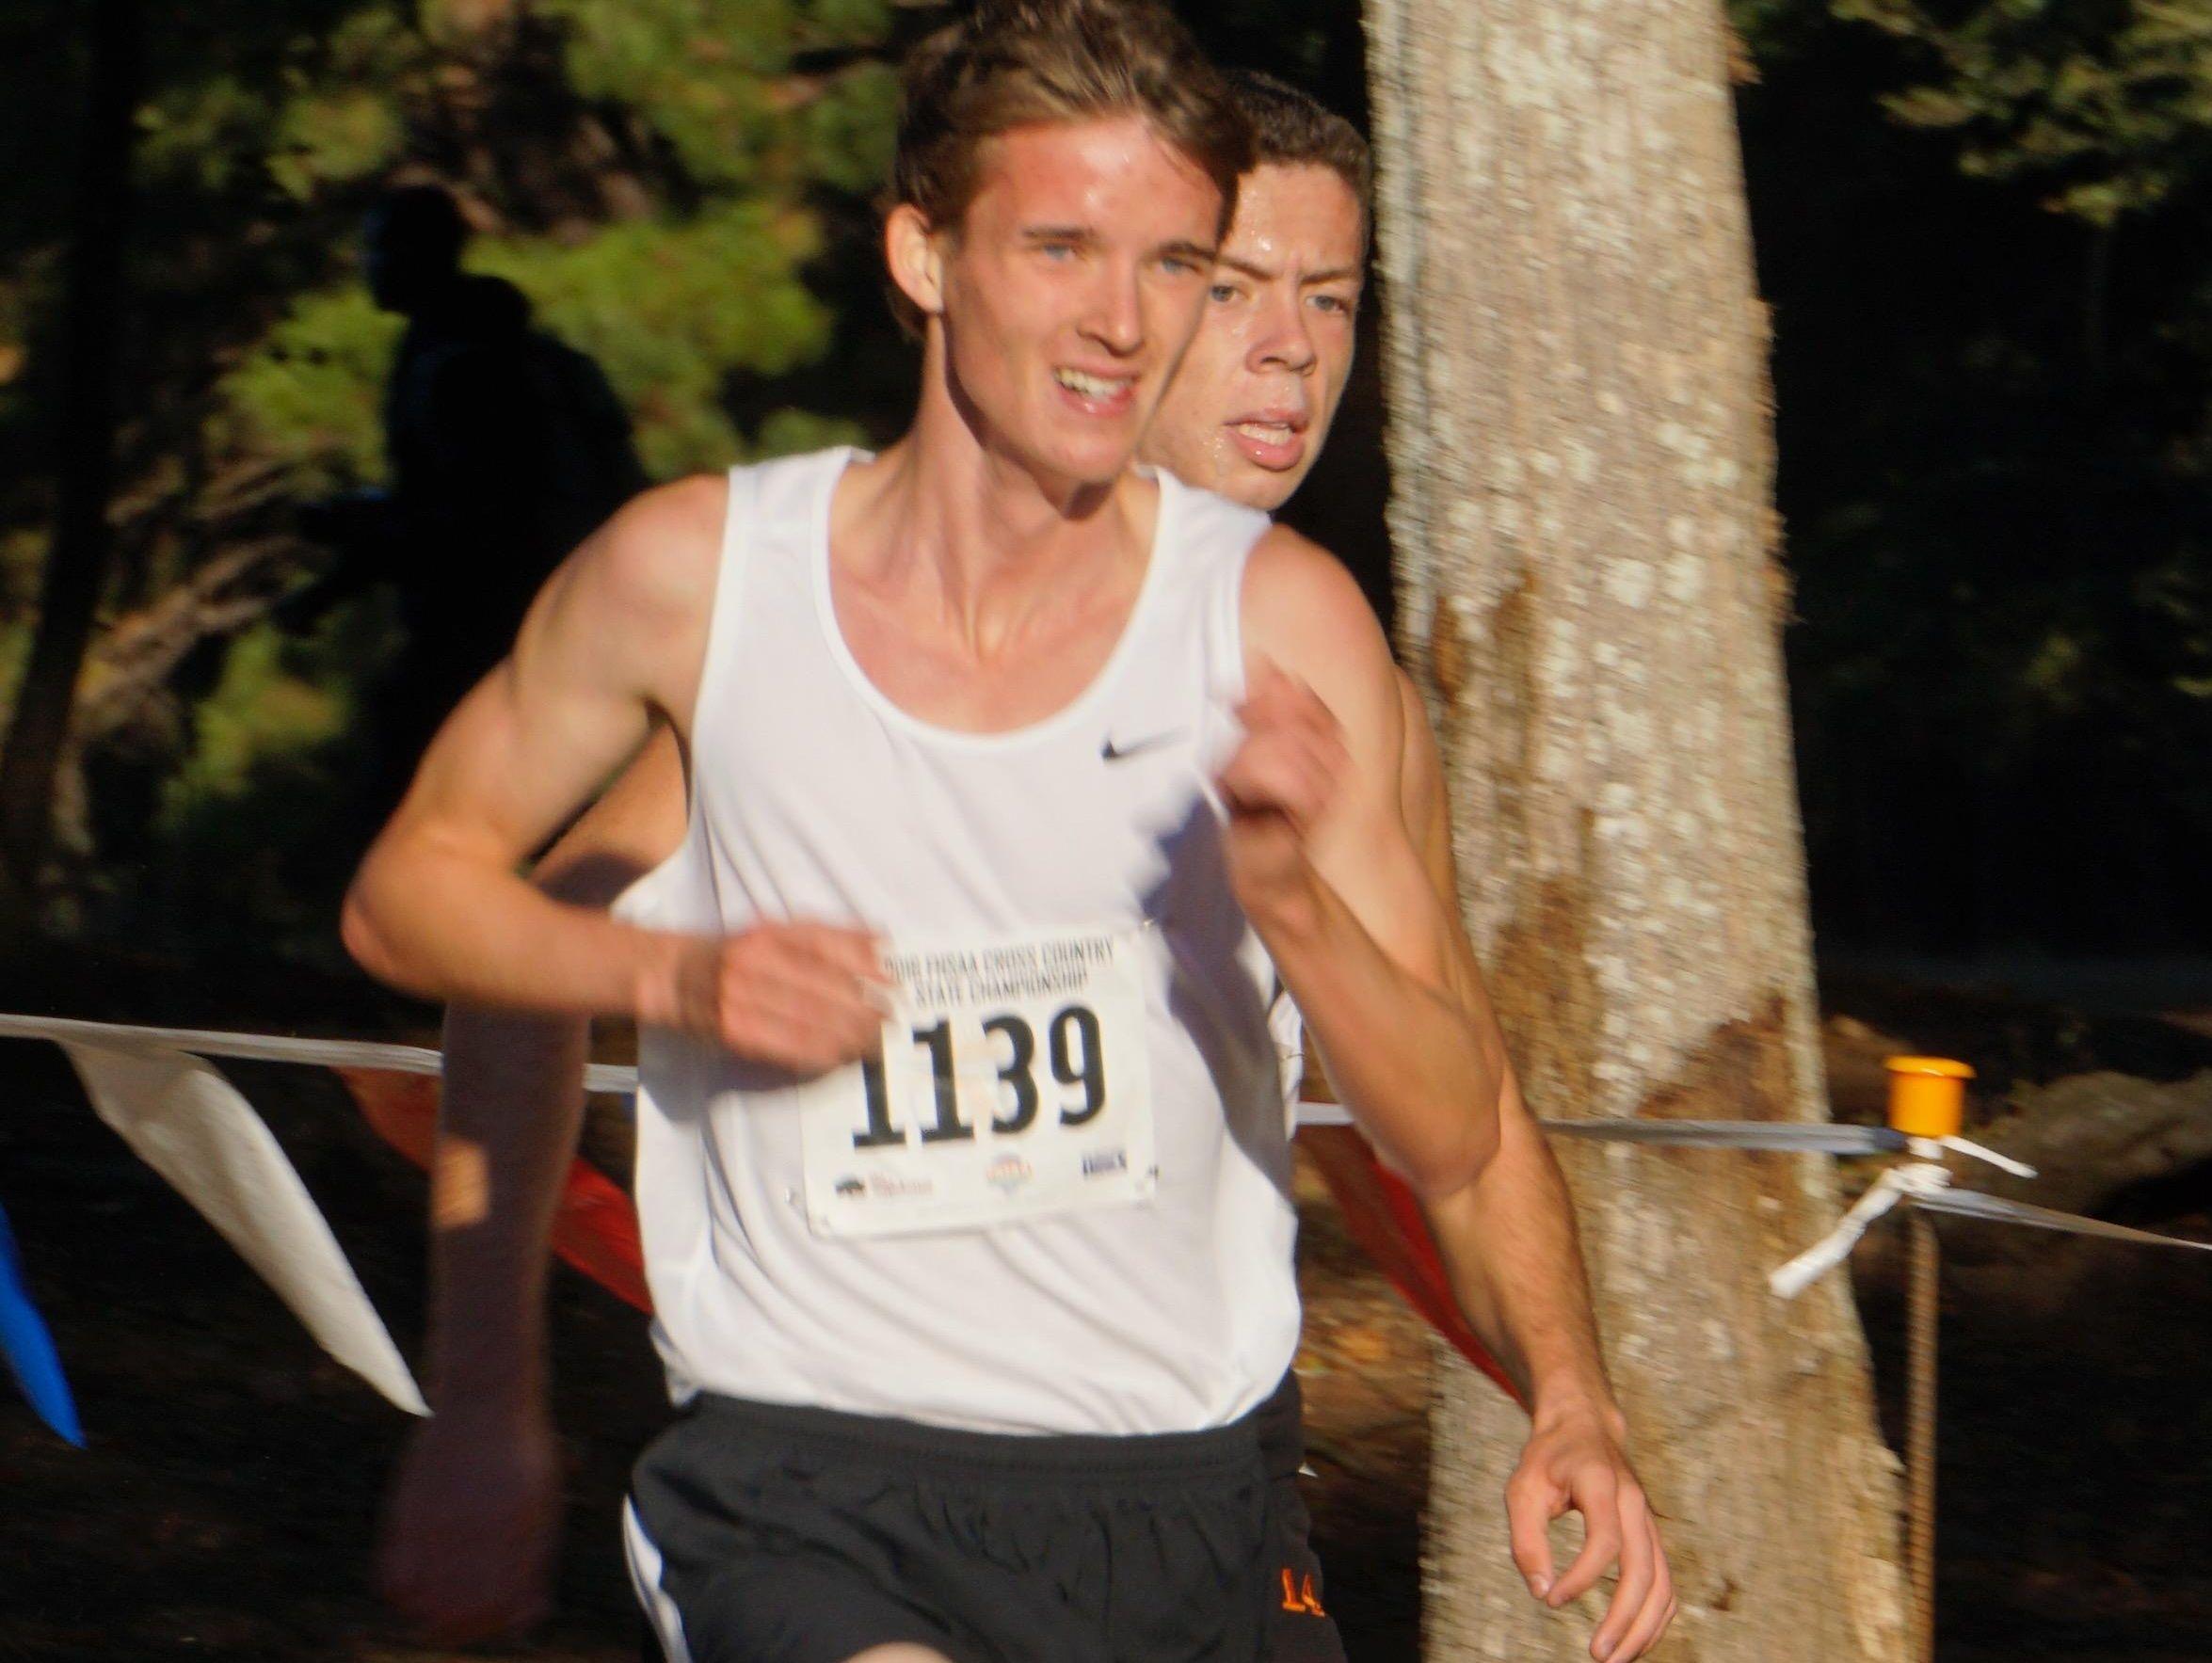 Trevor Kattenberg of Satellite finished in 16:04.